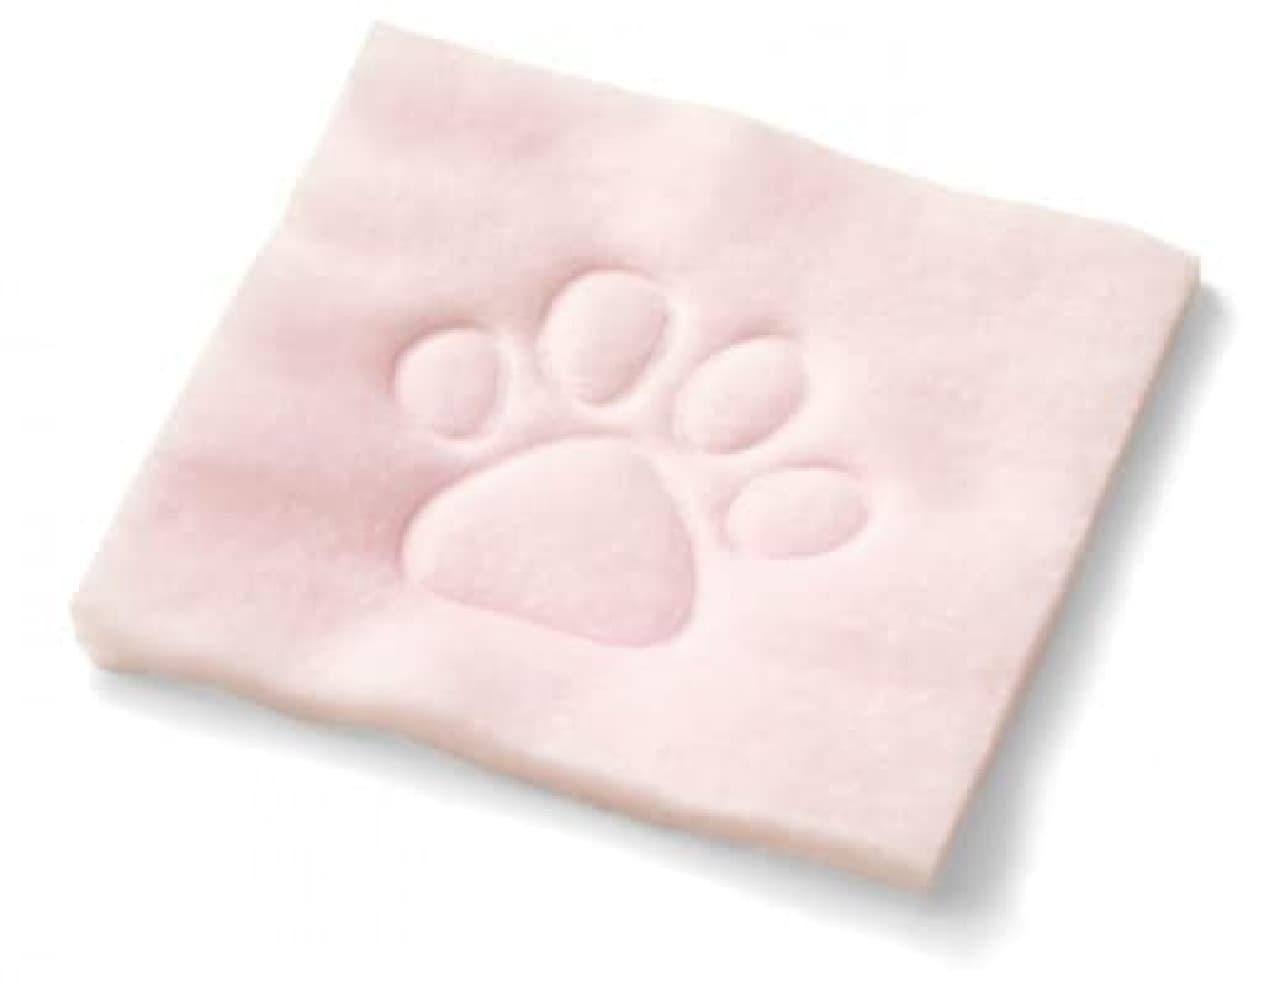 猫にふんでもらう心地のスキンケア ふみふみ肉球コットン